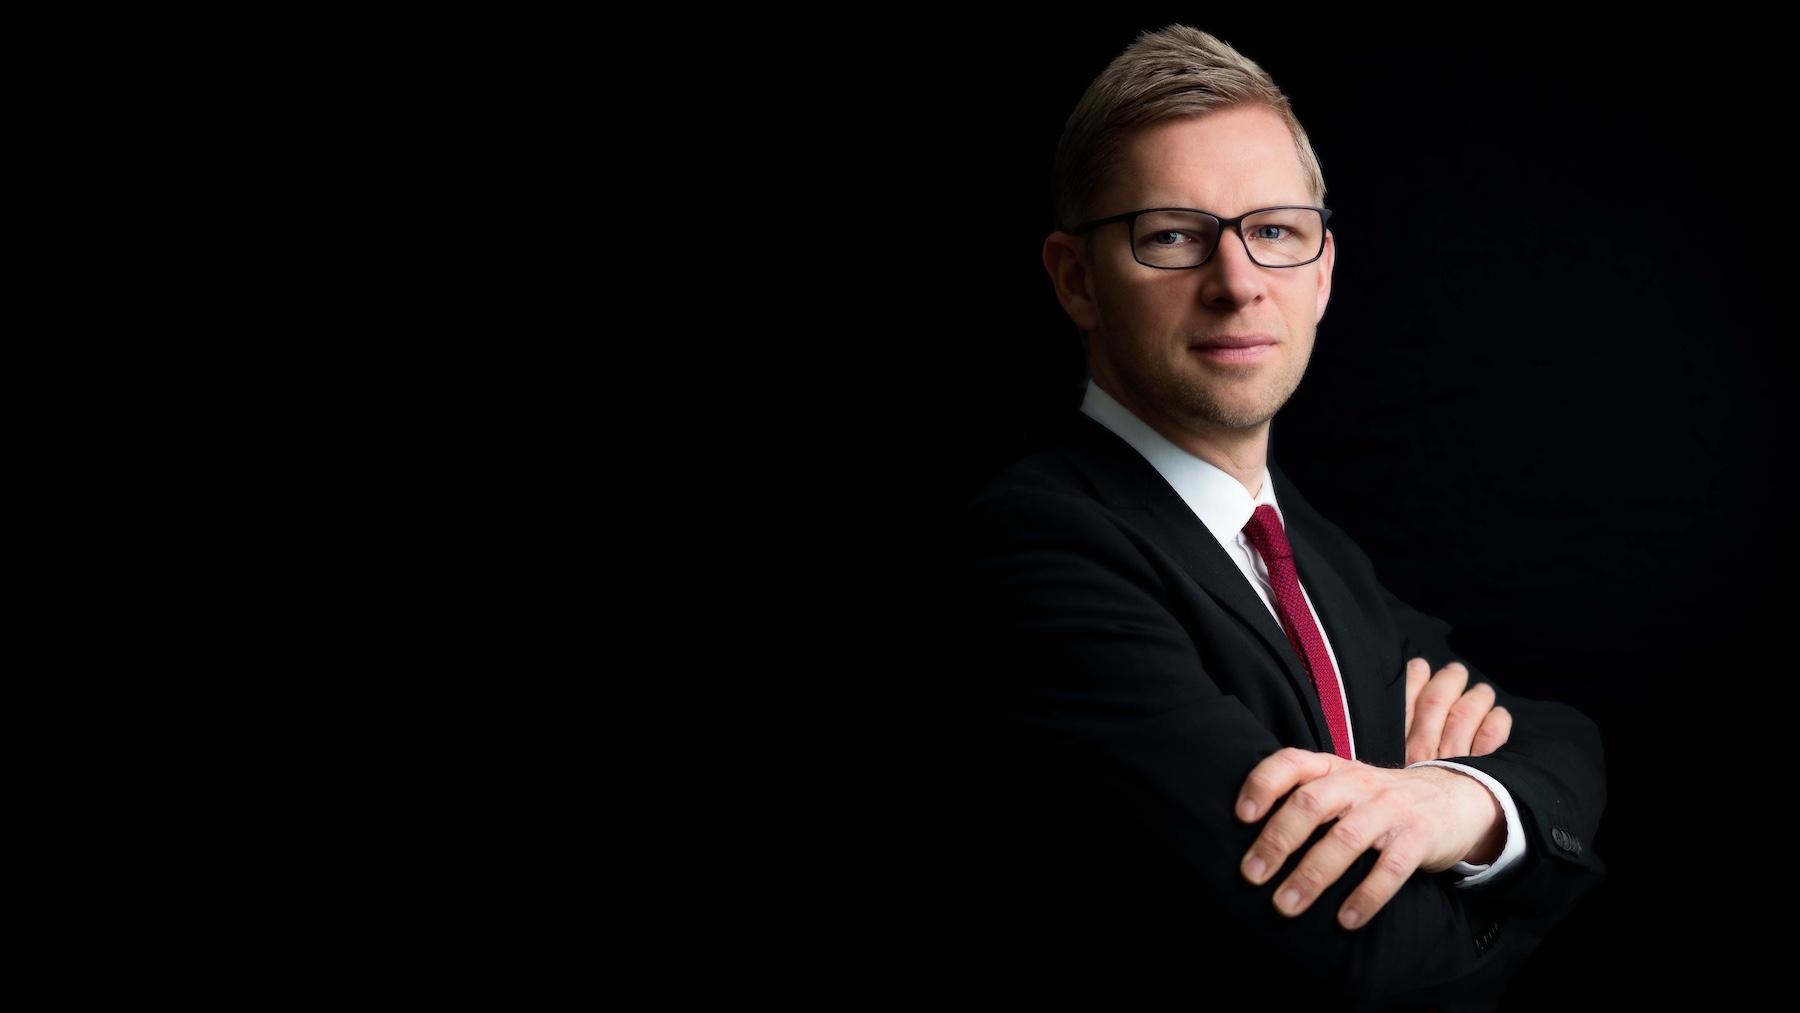 L.L.M. Andreas Leicher | Fachanwalt für Strafrecht Rosenheim | Strafverteidiger | Fachanwalt für Verkehrsrecht